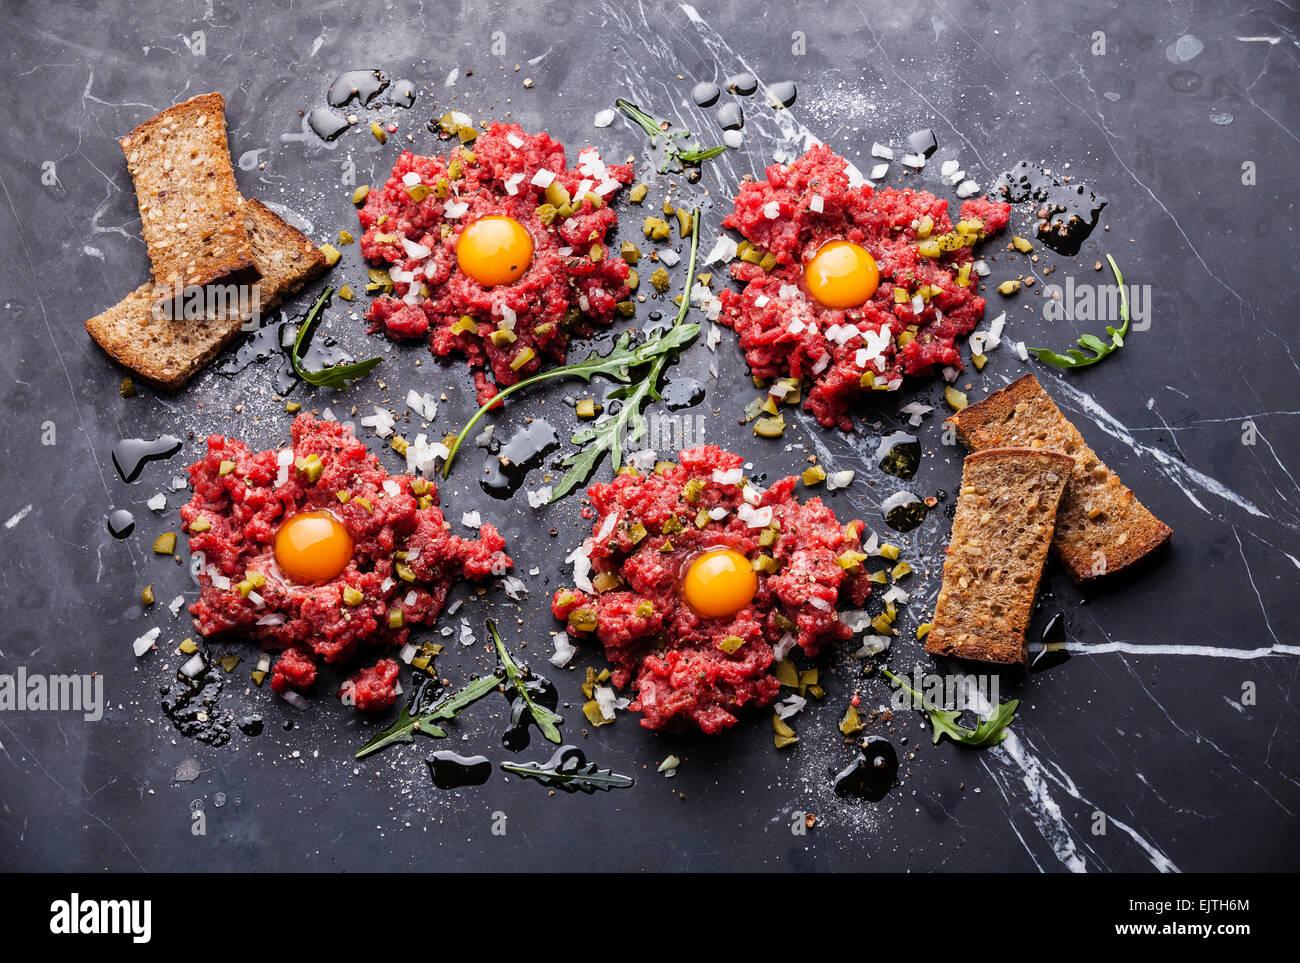 Tartare di manzo con cetriolo sottaceto e cipolla fresca sul marmo scuro dello sfondo Immagini Stock